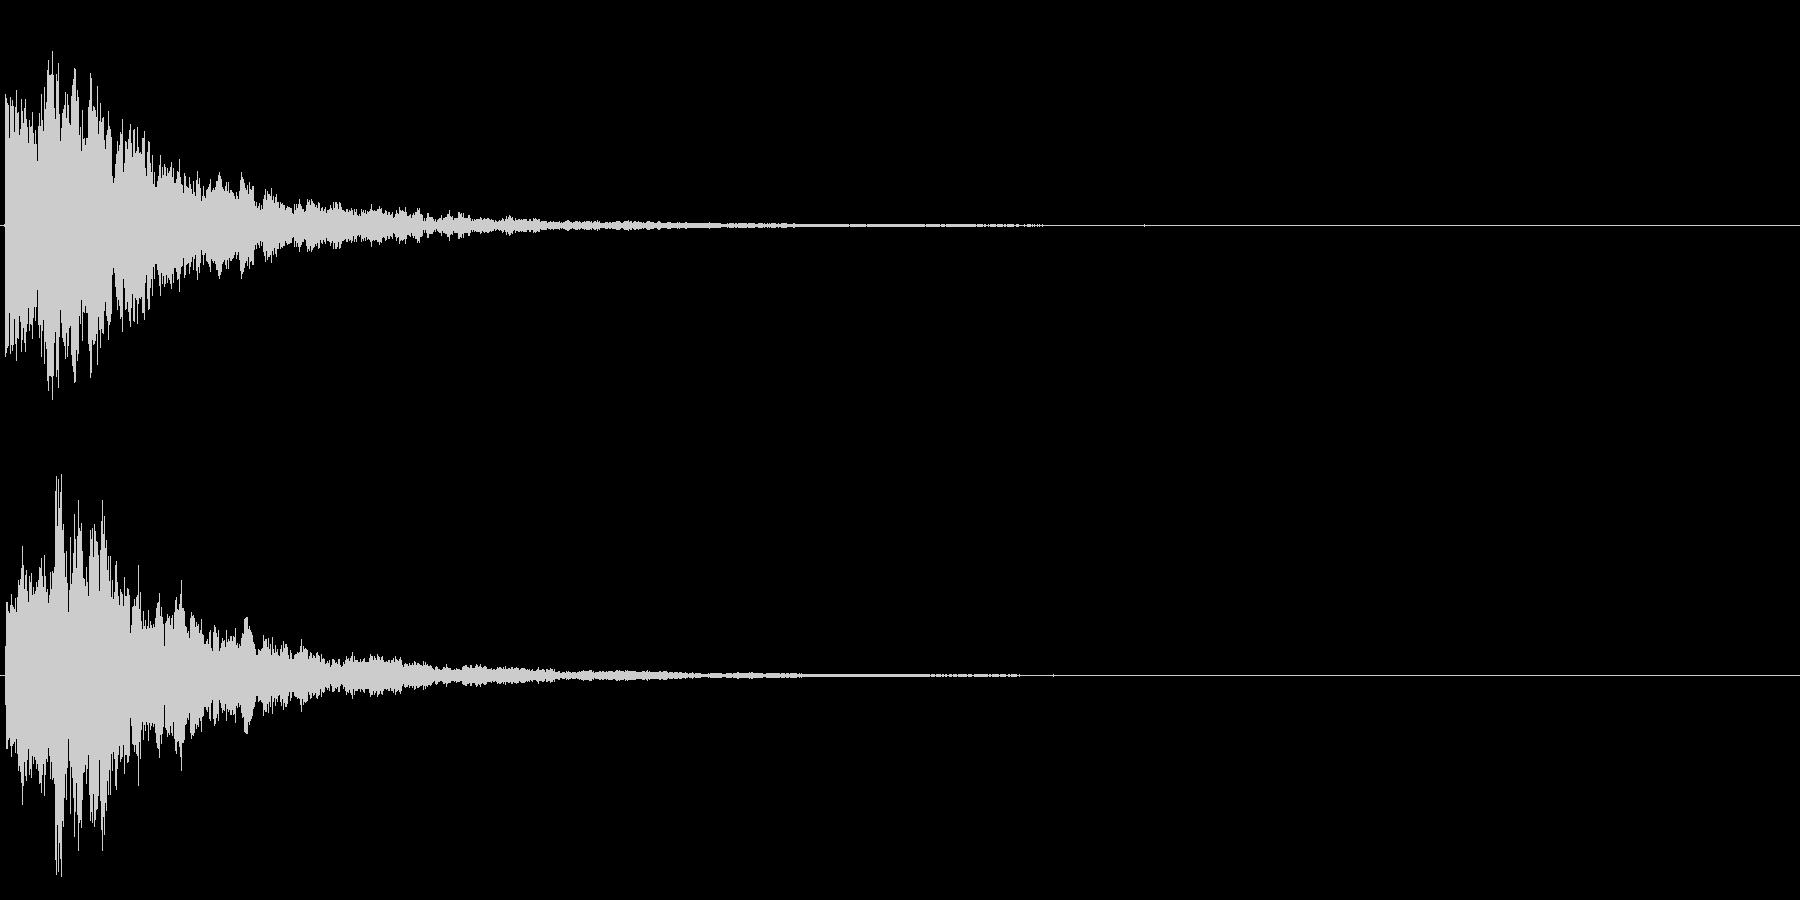 ゲームスタート、決定、ボタン音-091の未再生の波形